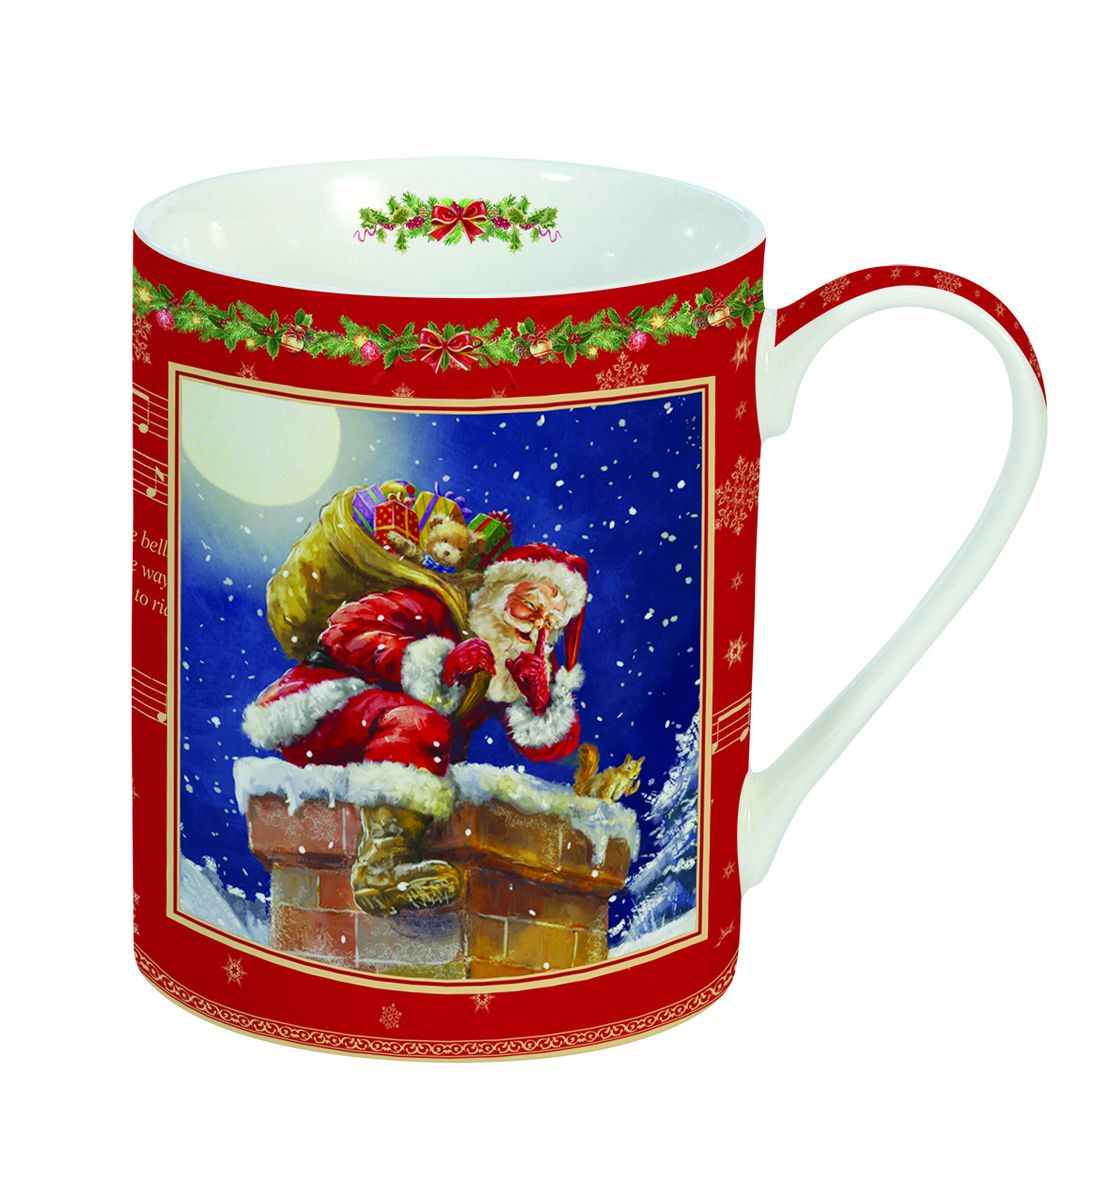 Кружка Nuova R2S Новогодние подарки, 300 мл420043Кружка Nuova R2S Новогодние подарки изготовлена из высококачественного фарфора. Изделие оформлено ярким изображением Деда Мороза, сидящем на трубе крыши. Такая кружка -отличный вариант новогоднего подарка для ваших близких и друзей. Можно использовать в СВЧ и мыть в посудомоечной машине. Диаметр (по верхнему краю): 7,5 см.